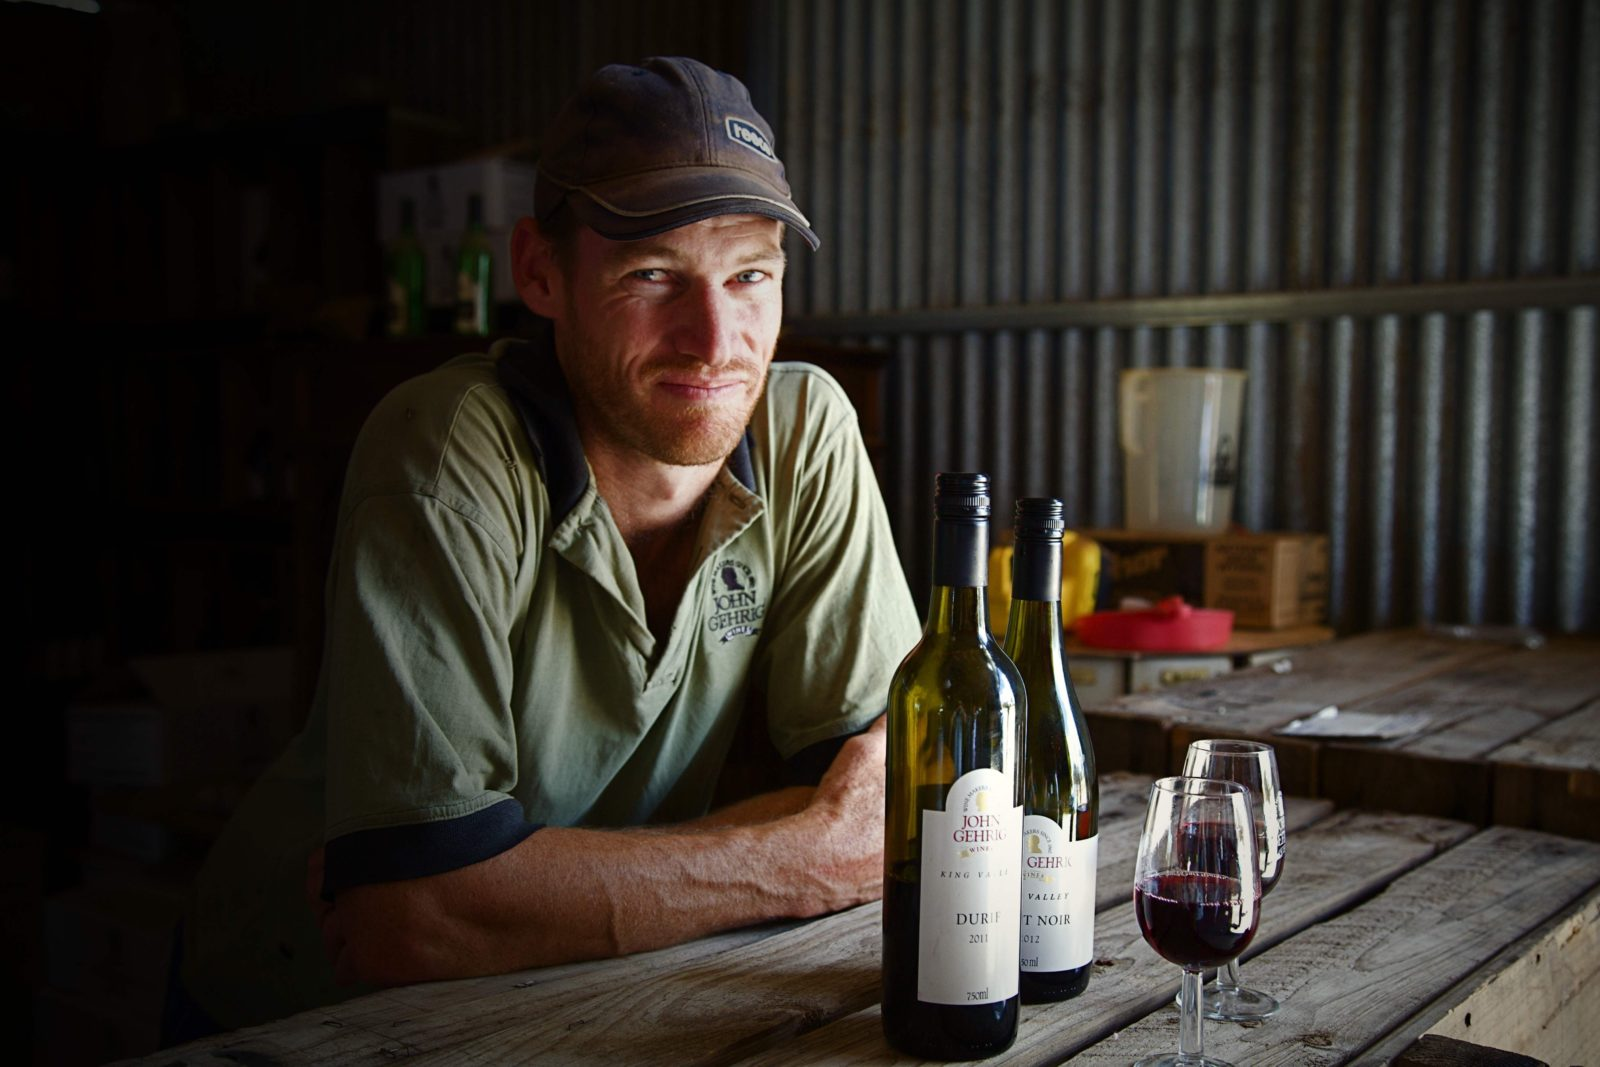 Winemaker Ross Gehrig